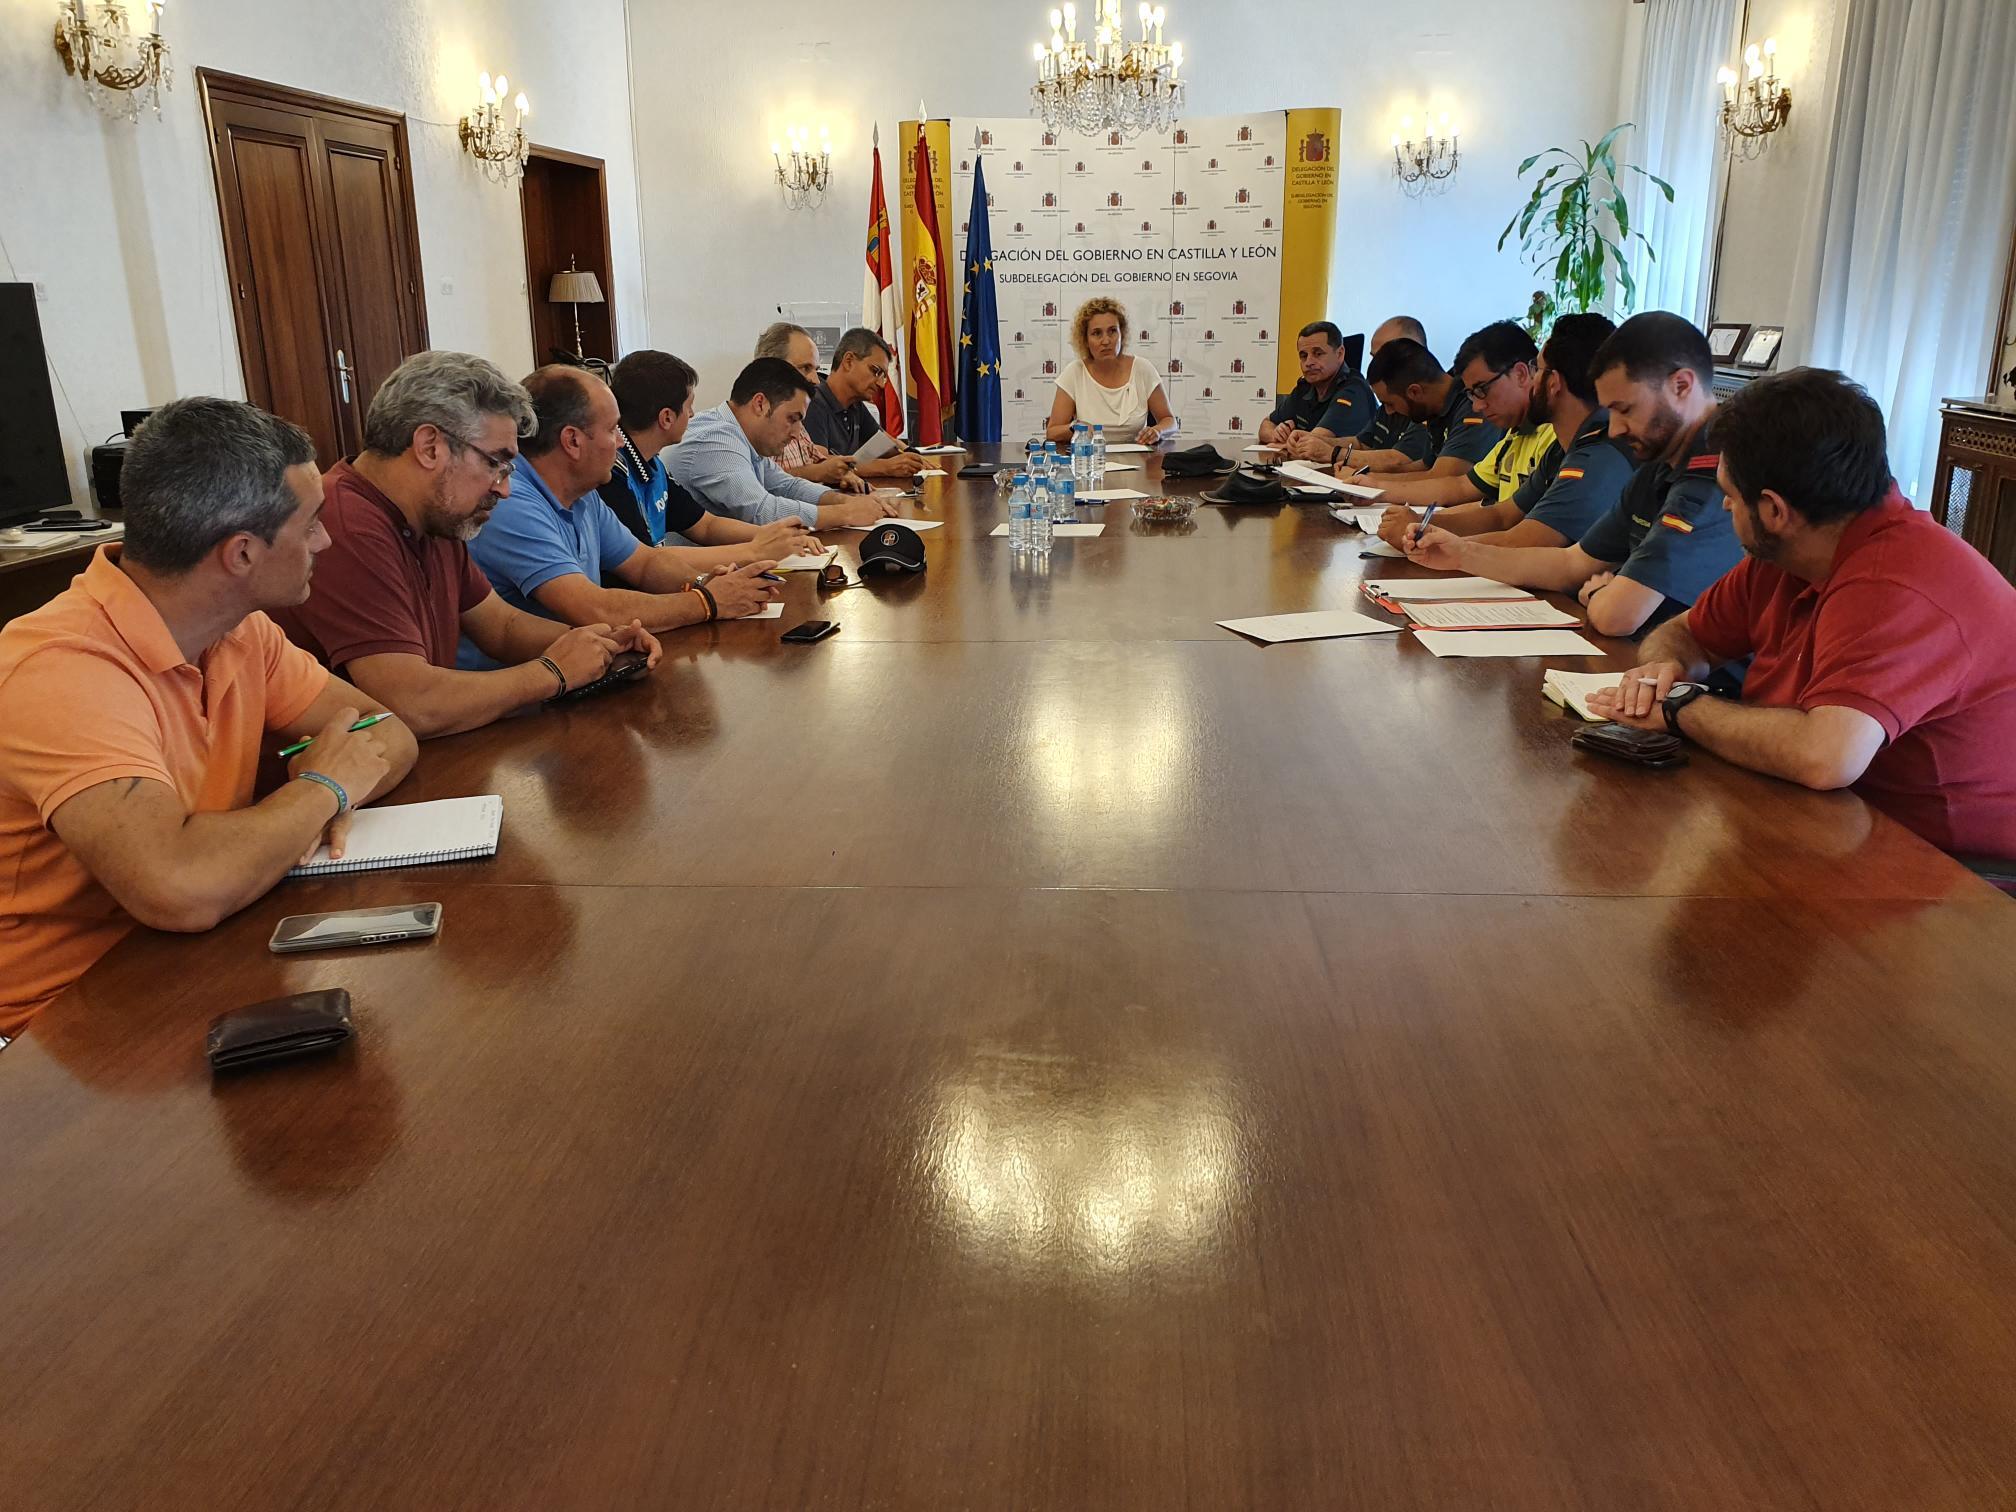 Foto de la reunión con Subdelegación de Gobierno de Segovia